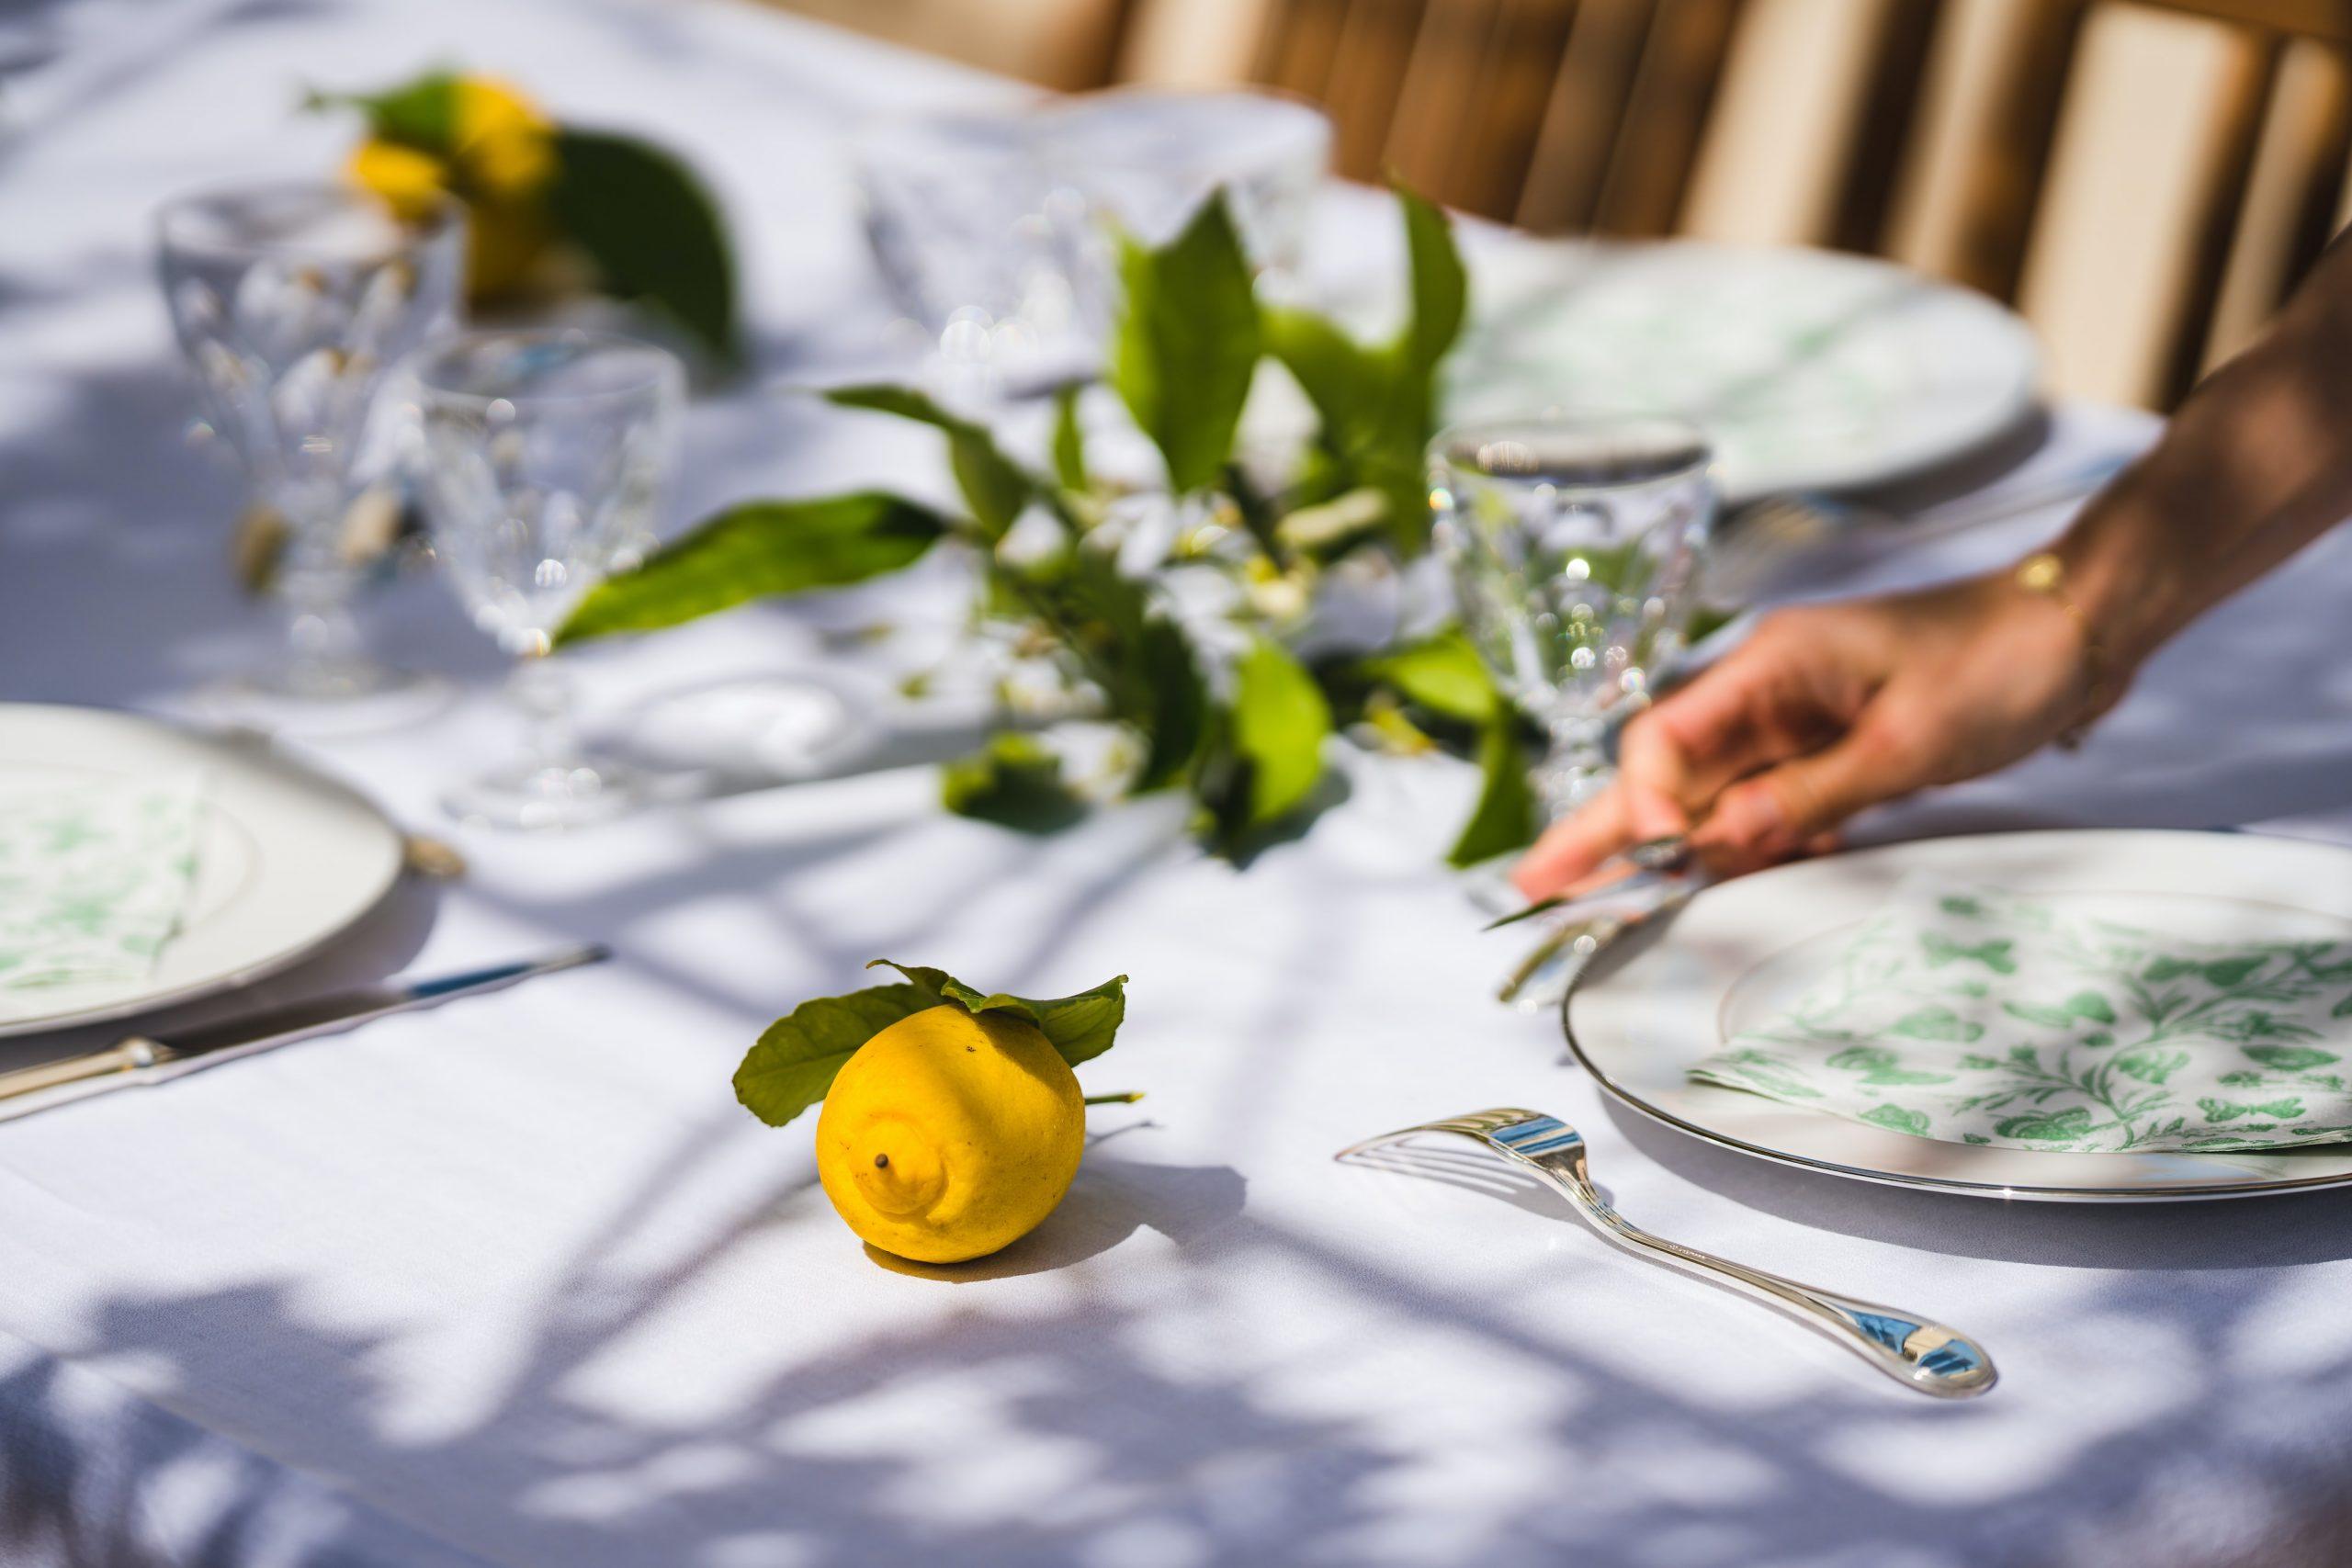 buffet elegante cena formale menù bistrot cucino di te cuoco a domicilio Varese, Como, Saronno, Legnano, Monza, Brianza, Canton Ticino, Svizzera